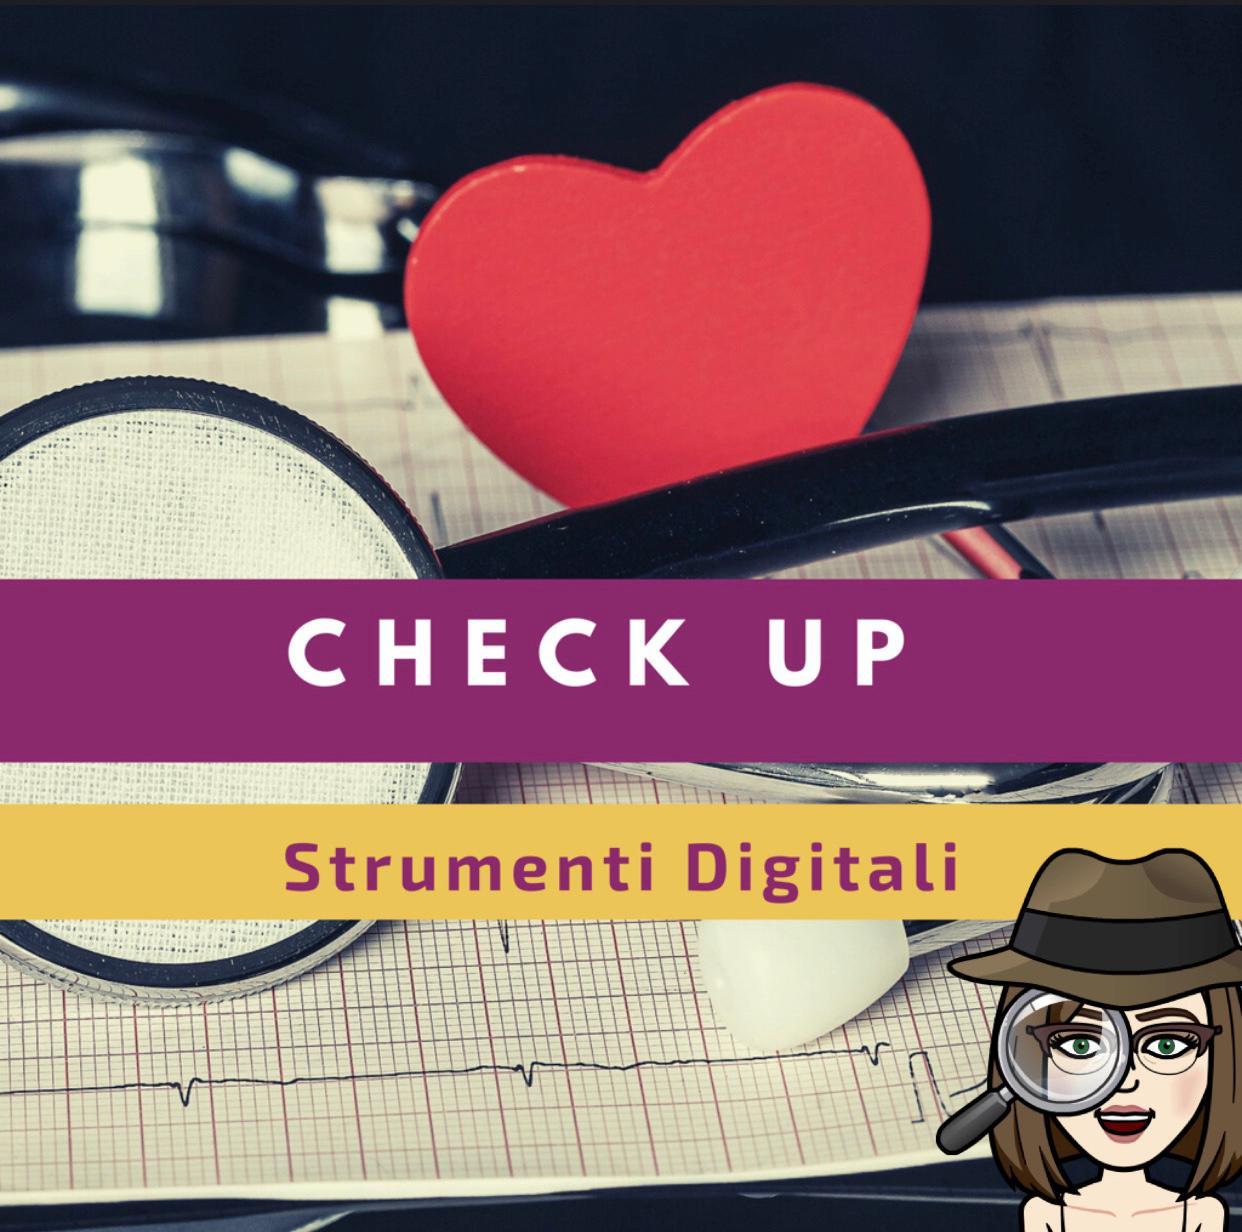 E' tempo di CHECK UP…dei tuoi Strumenti Digitali!